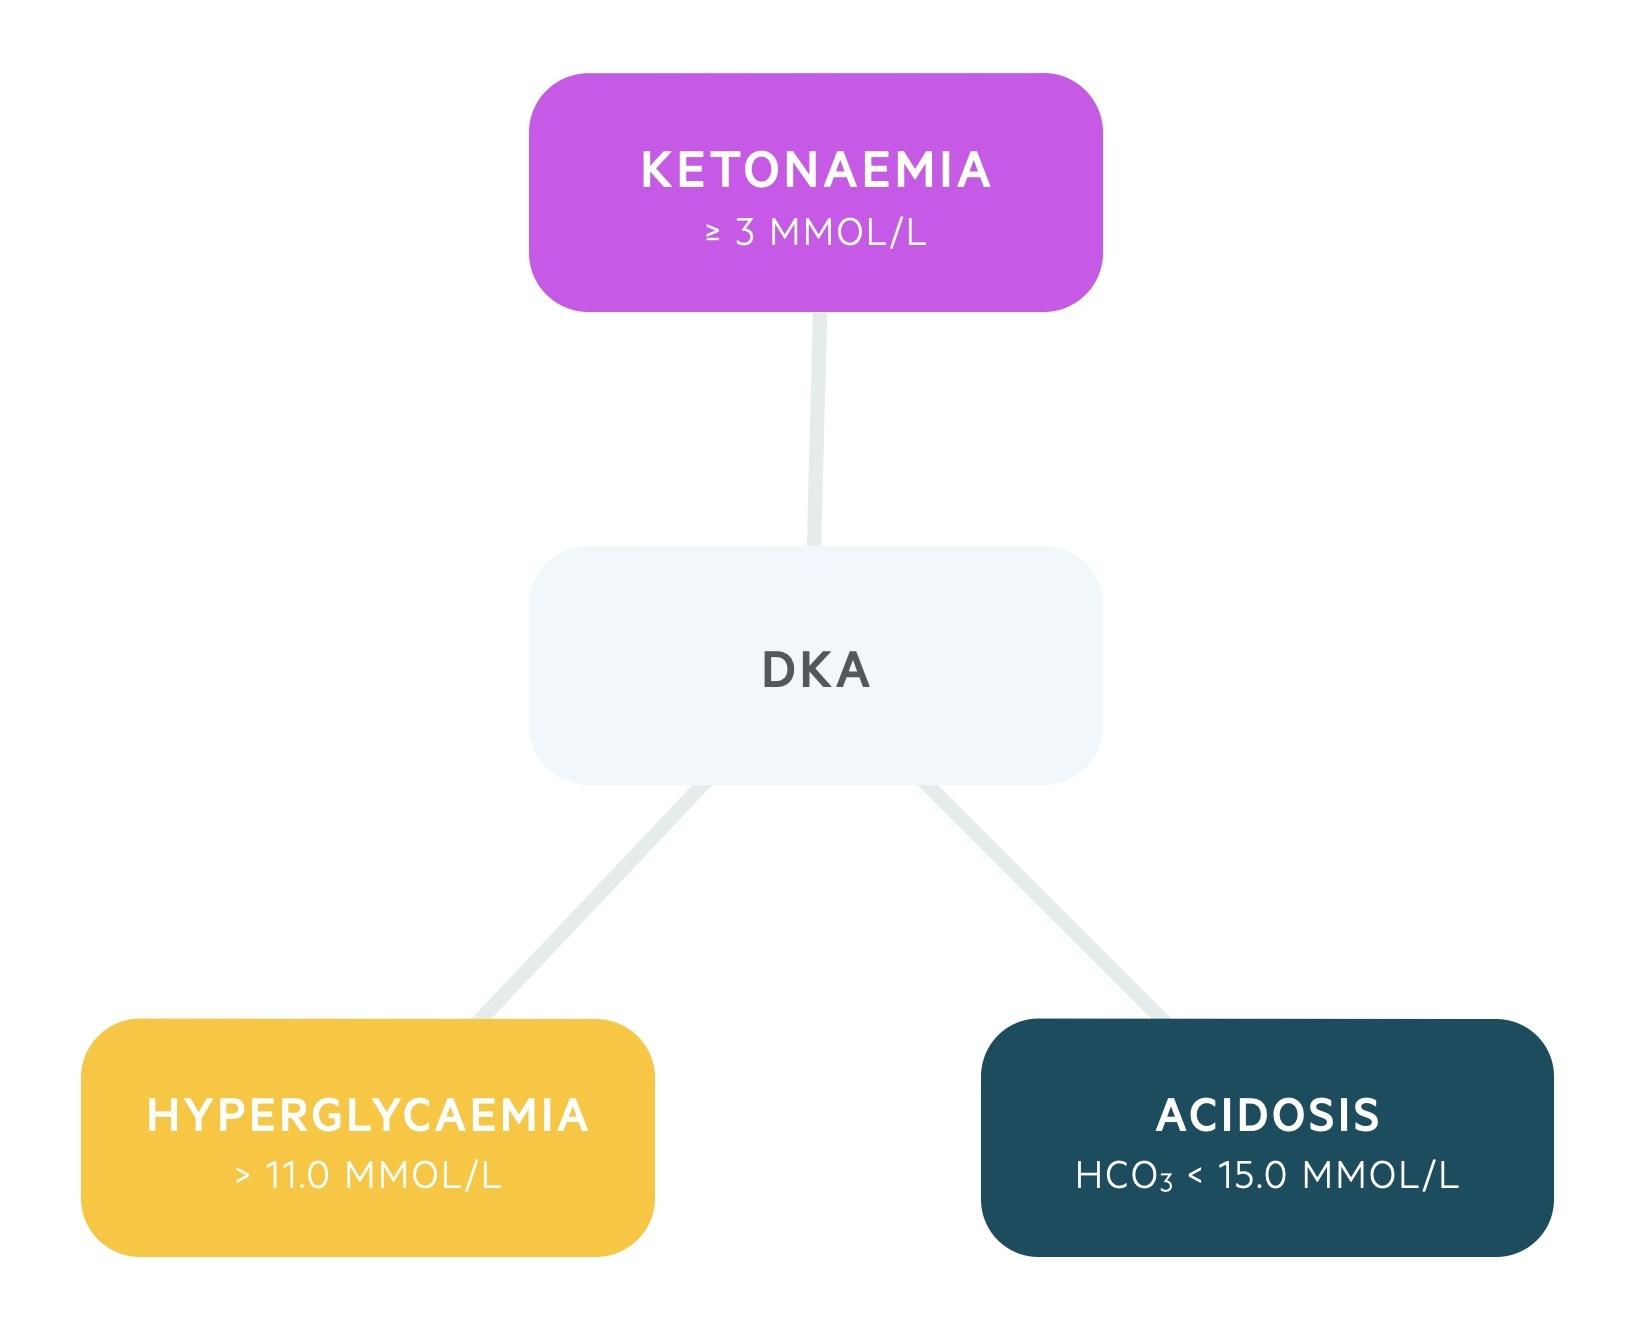 Triad of DKA